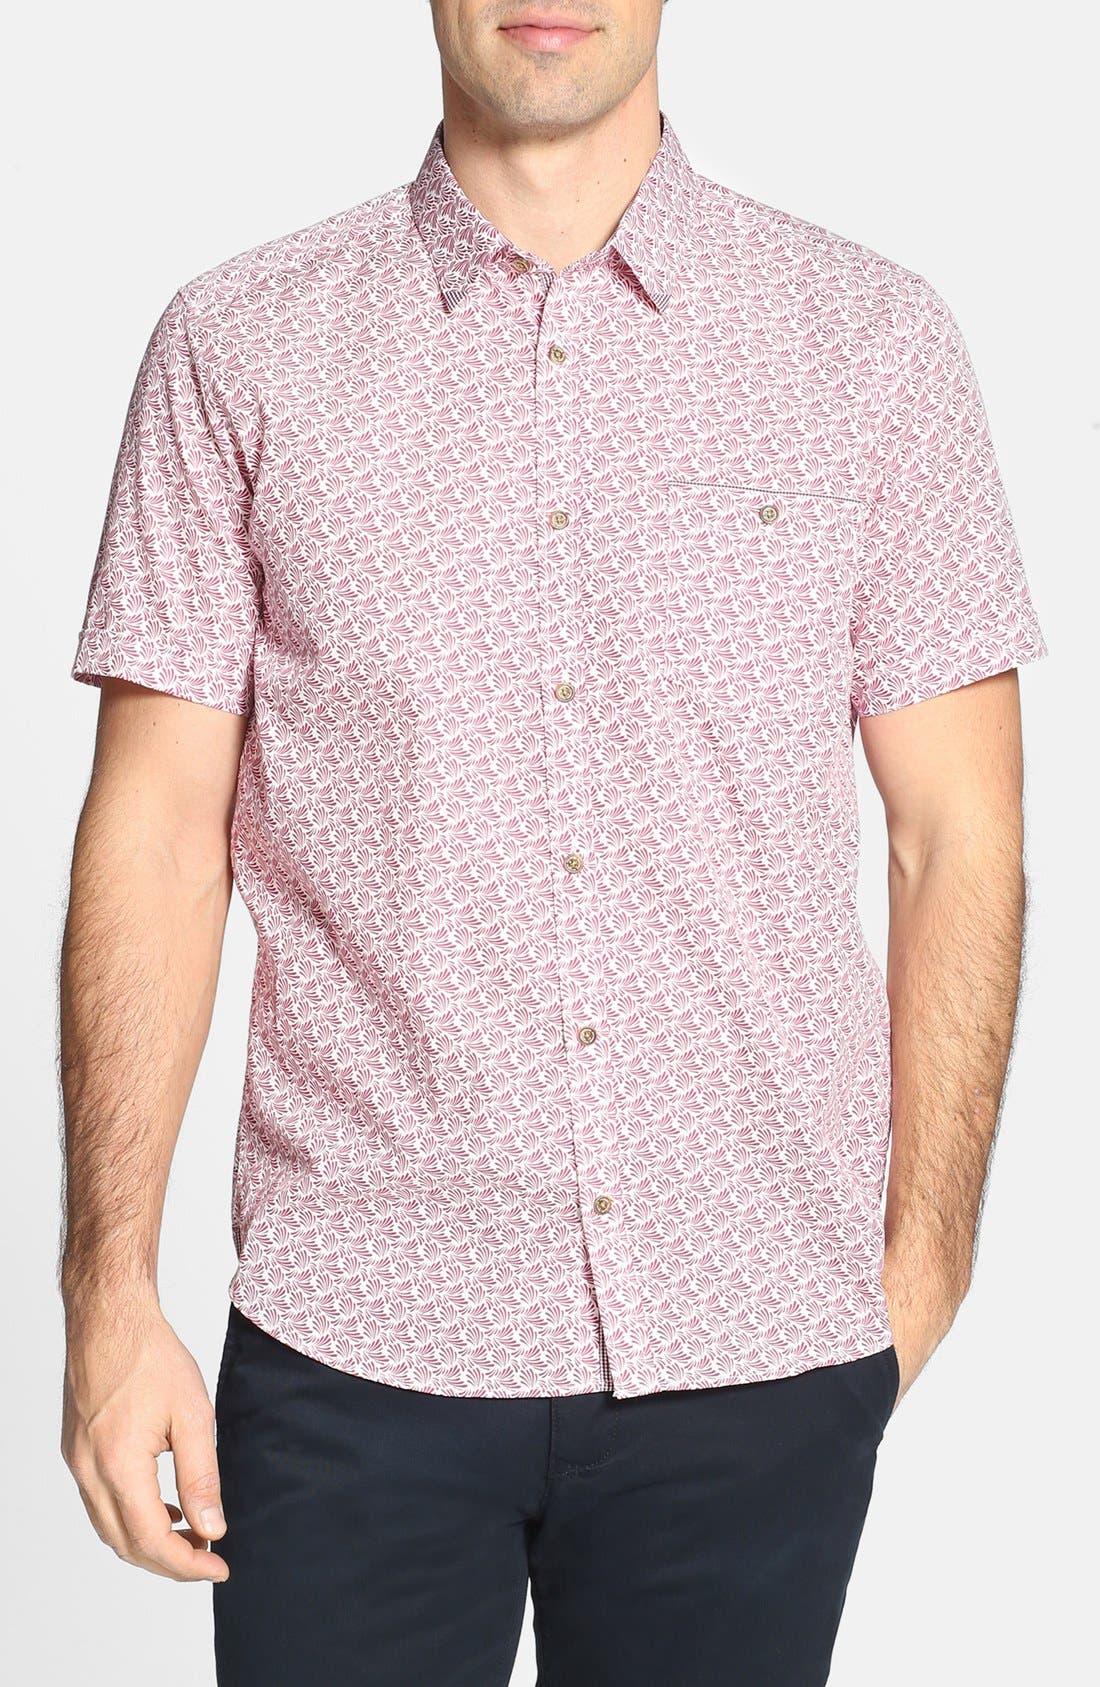 Alternate Image 1 Selected - Ted Baker London 'Yurtamp' Short Sleeve Print Sport Shirt